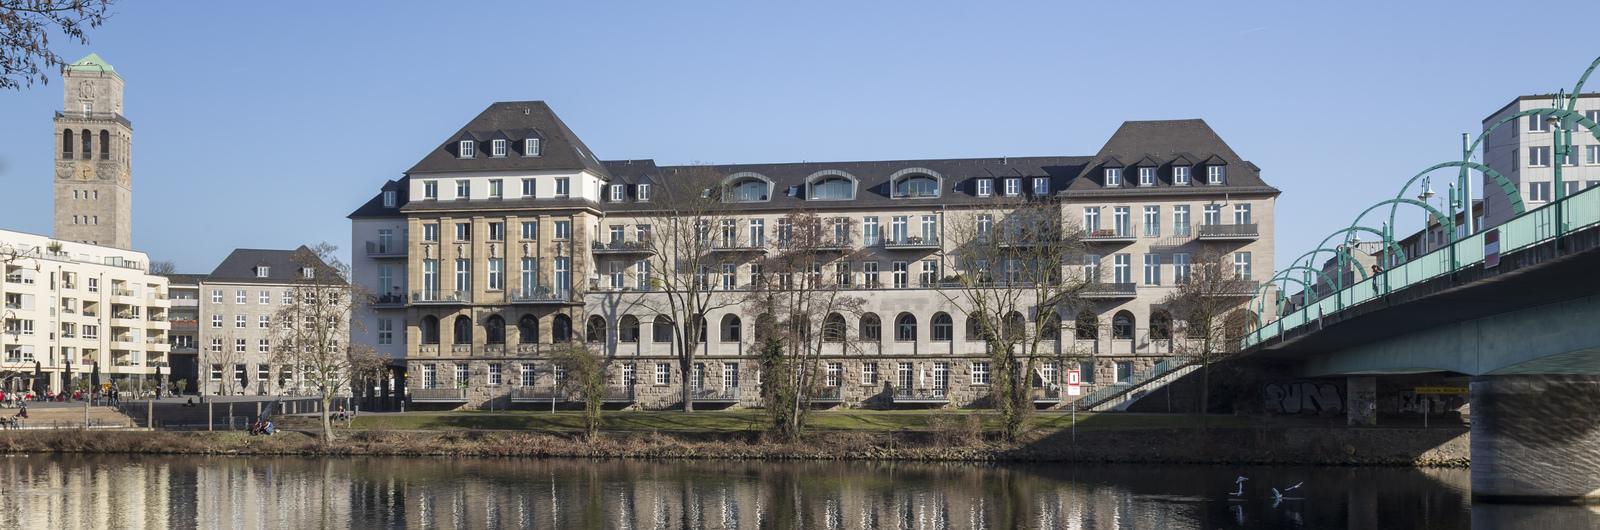 muehlheim ruhr city header